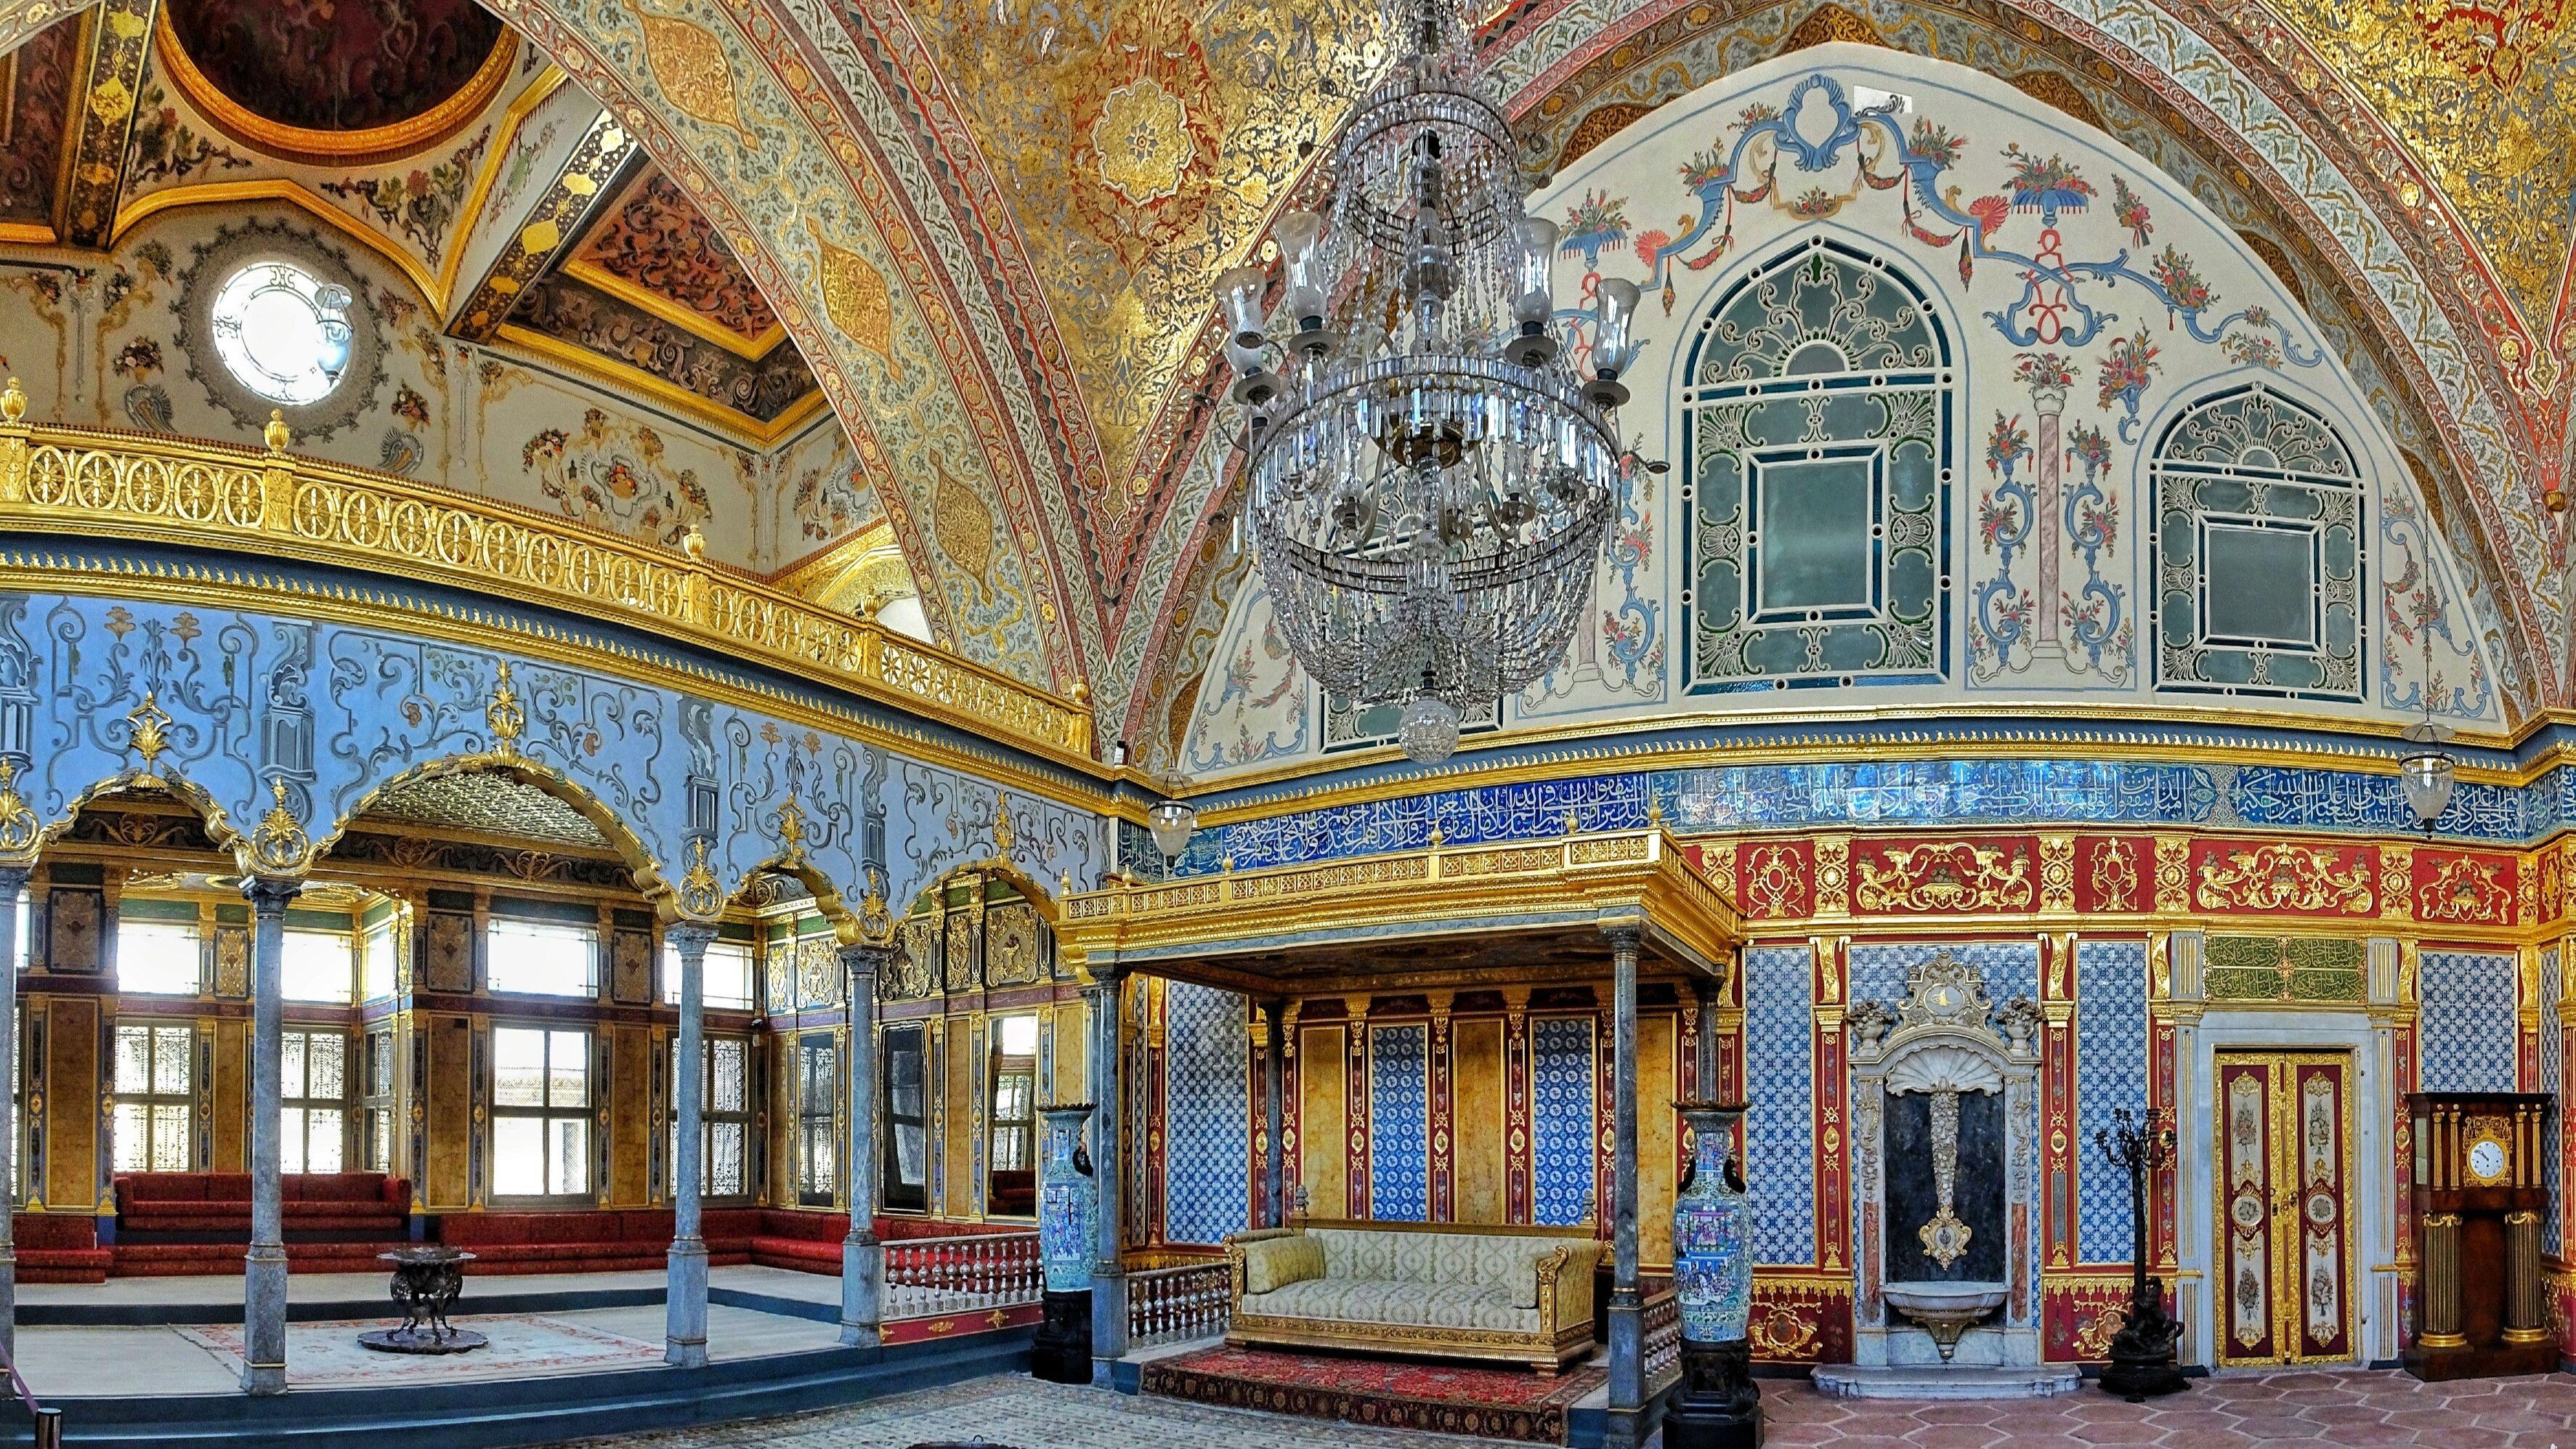 قصر توبكابي Topkapi Palace